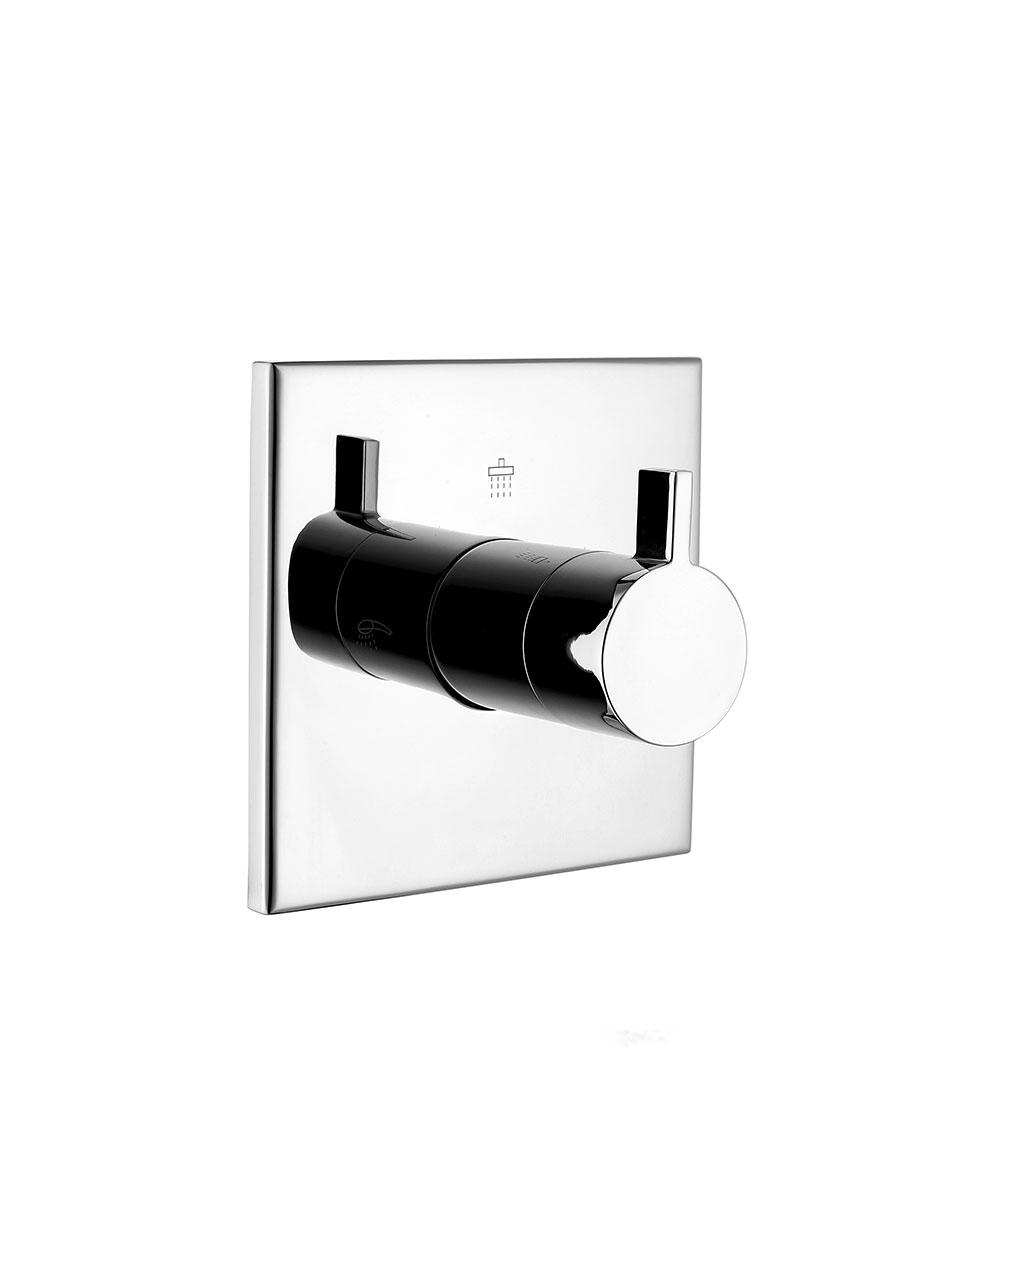 Вентиль Imprese ZAMEK запорный/переключающий (3 потребителя), форма S VR-151032